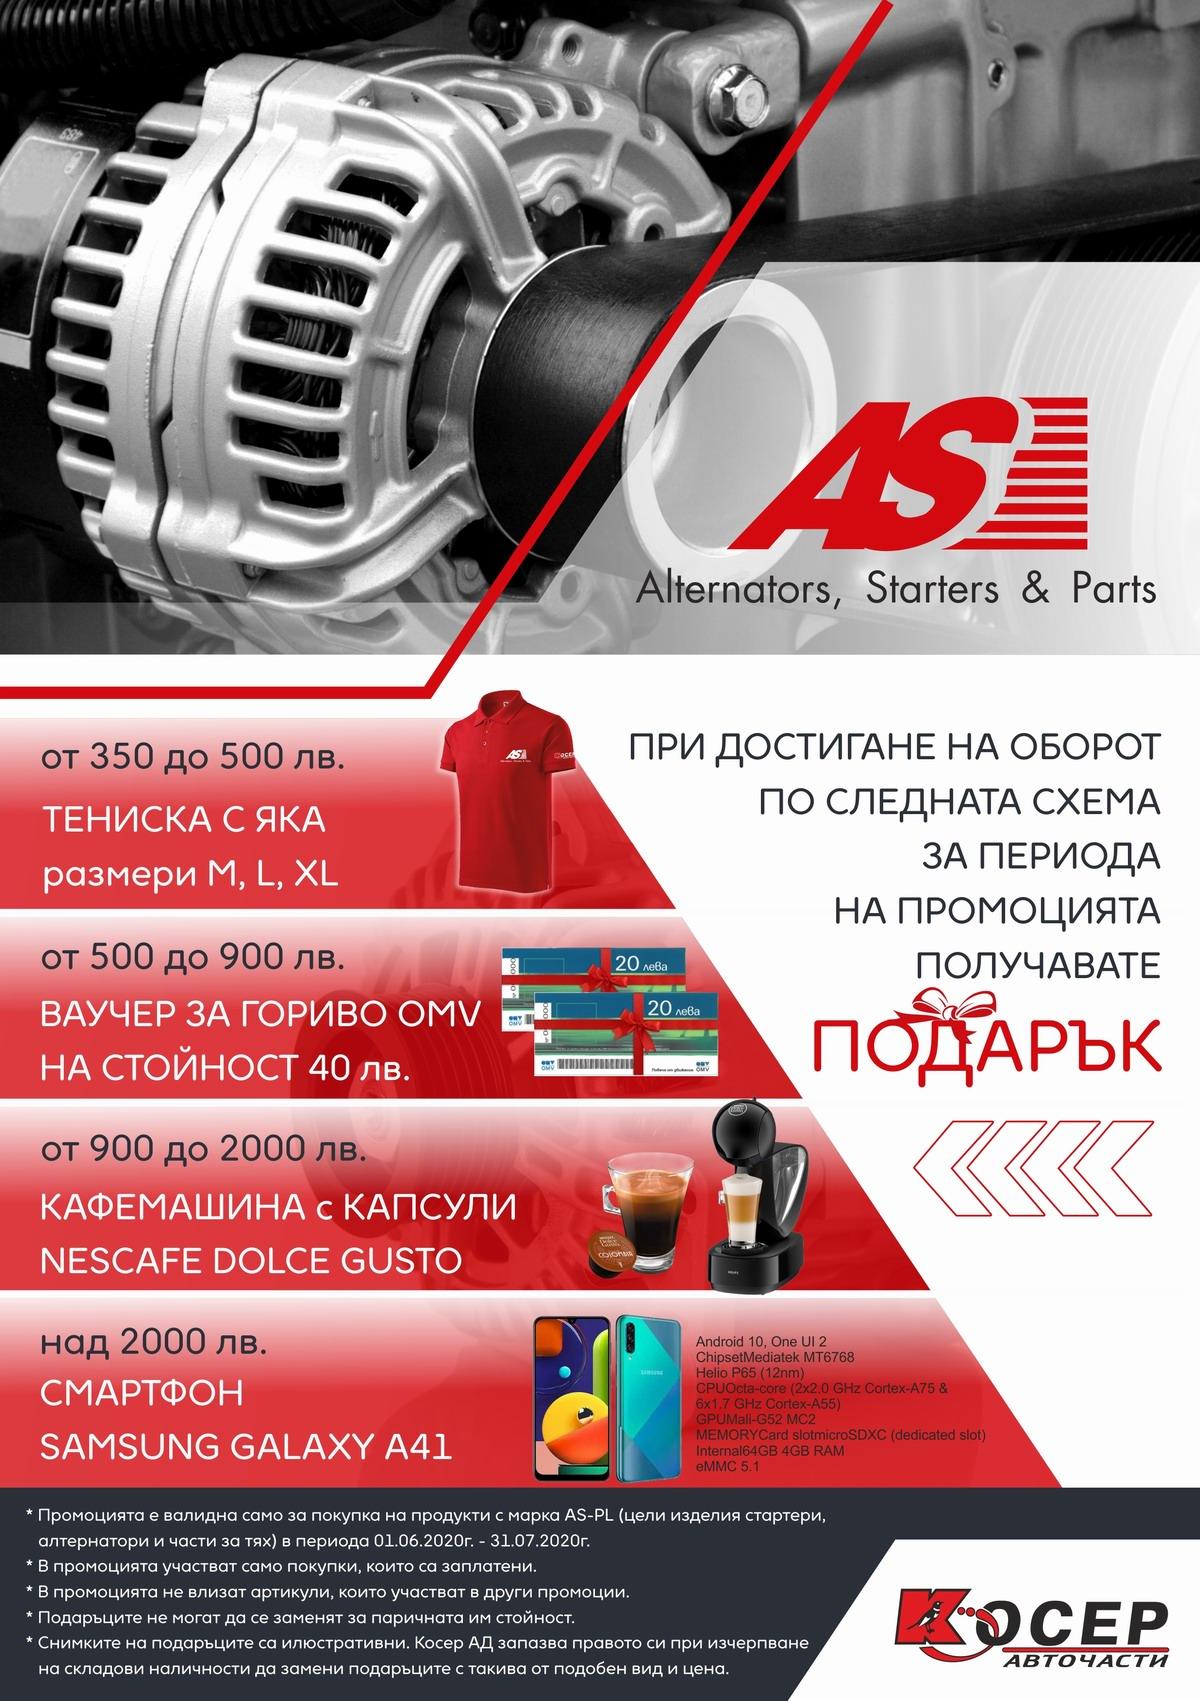 Промоция AS-PL, 01.06.2020 - 31.07.2020